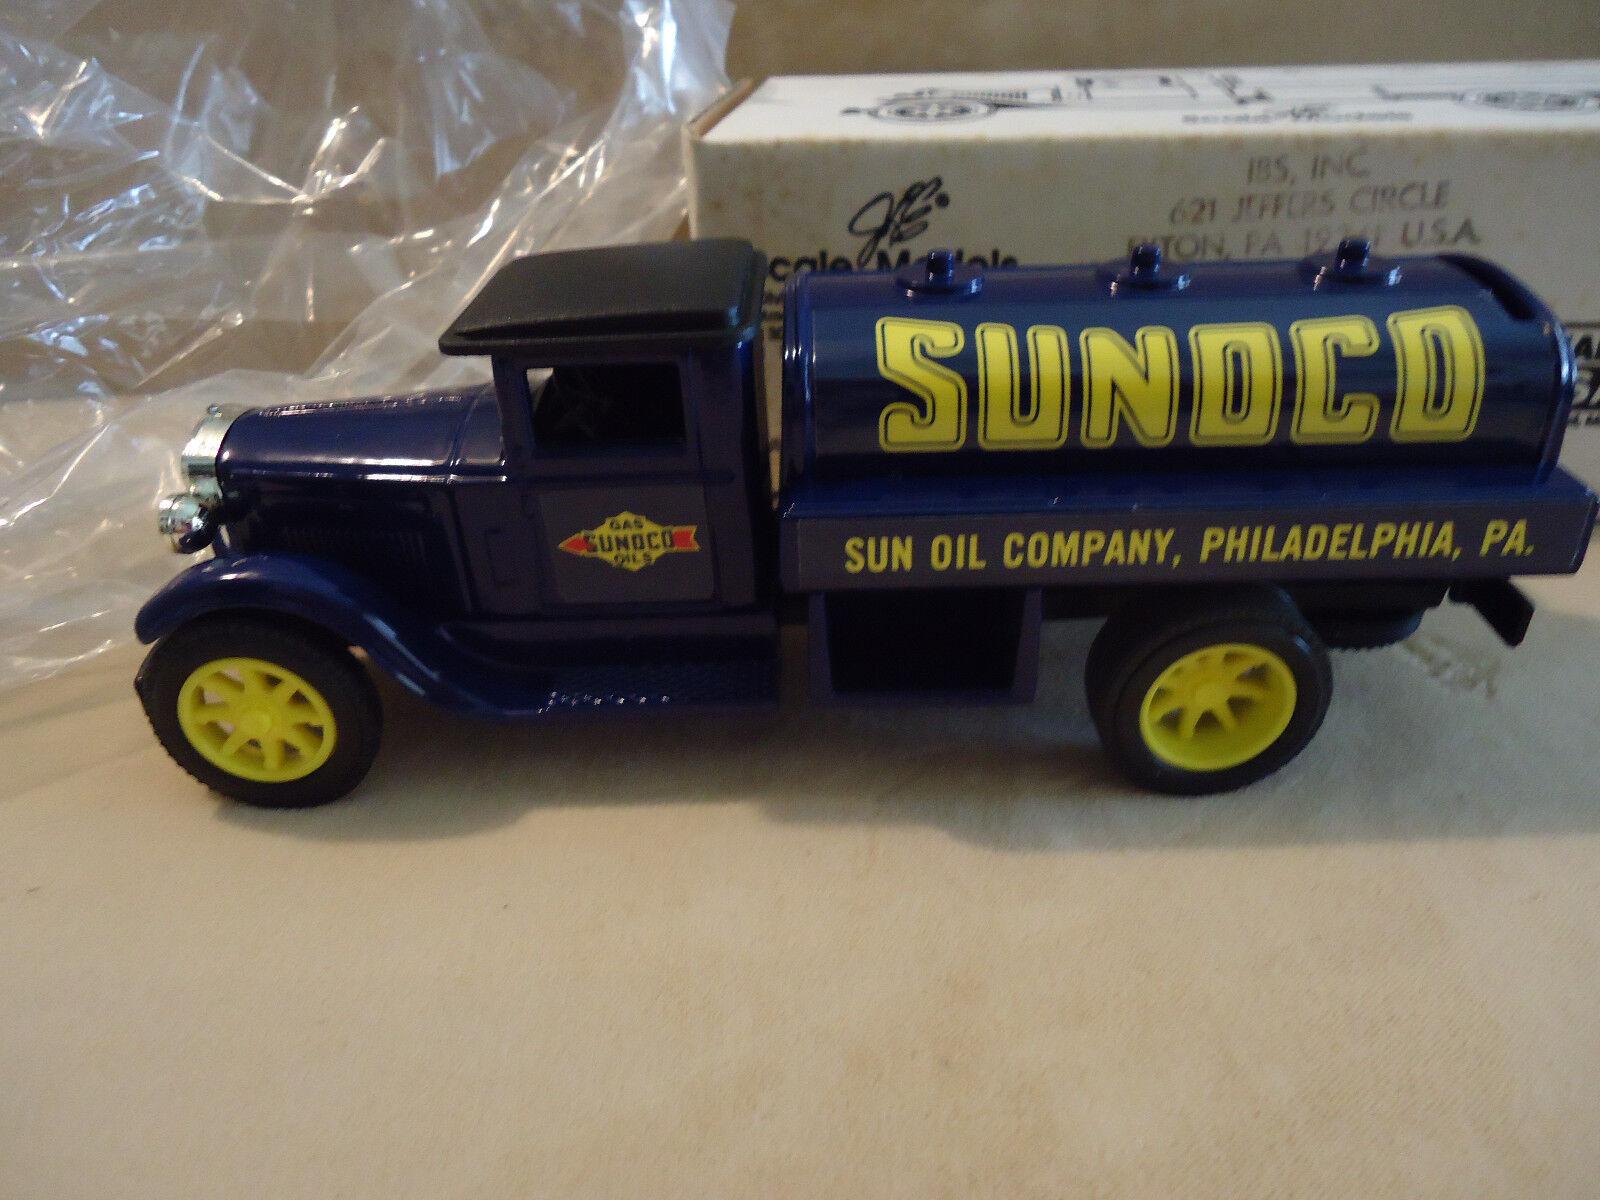 SUNOCO GAS OIL  1 PREMIER EDITION Scale Model -JLE 1931 INT'L TANKER  GB-4070